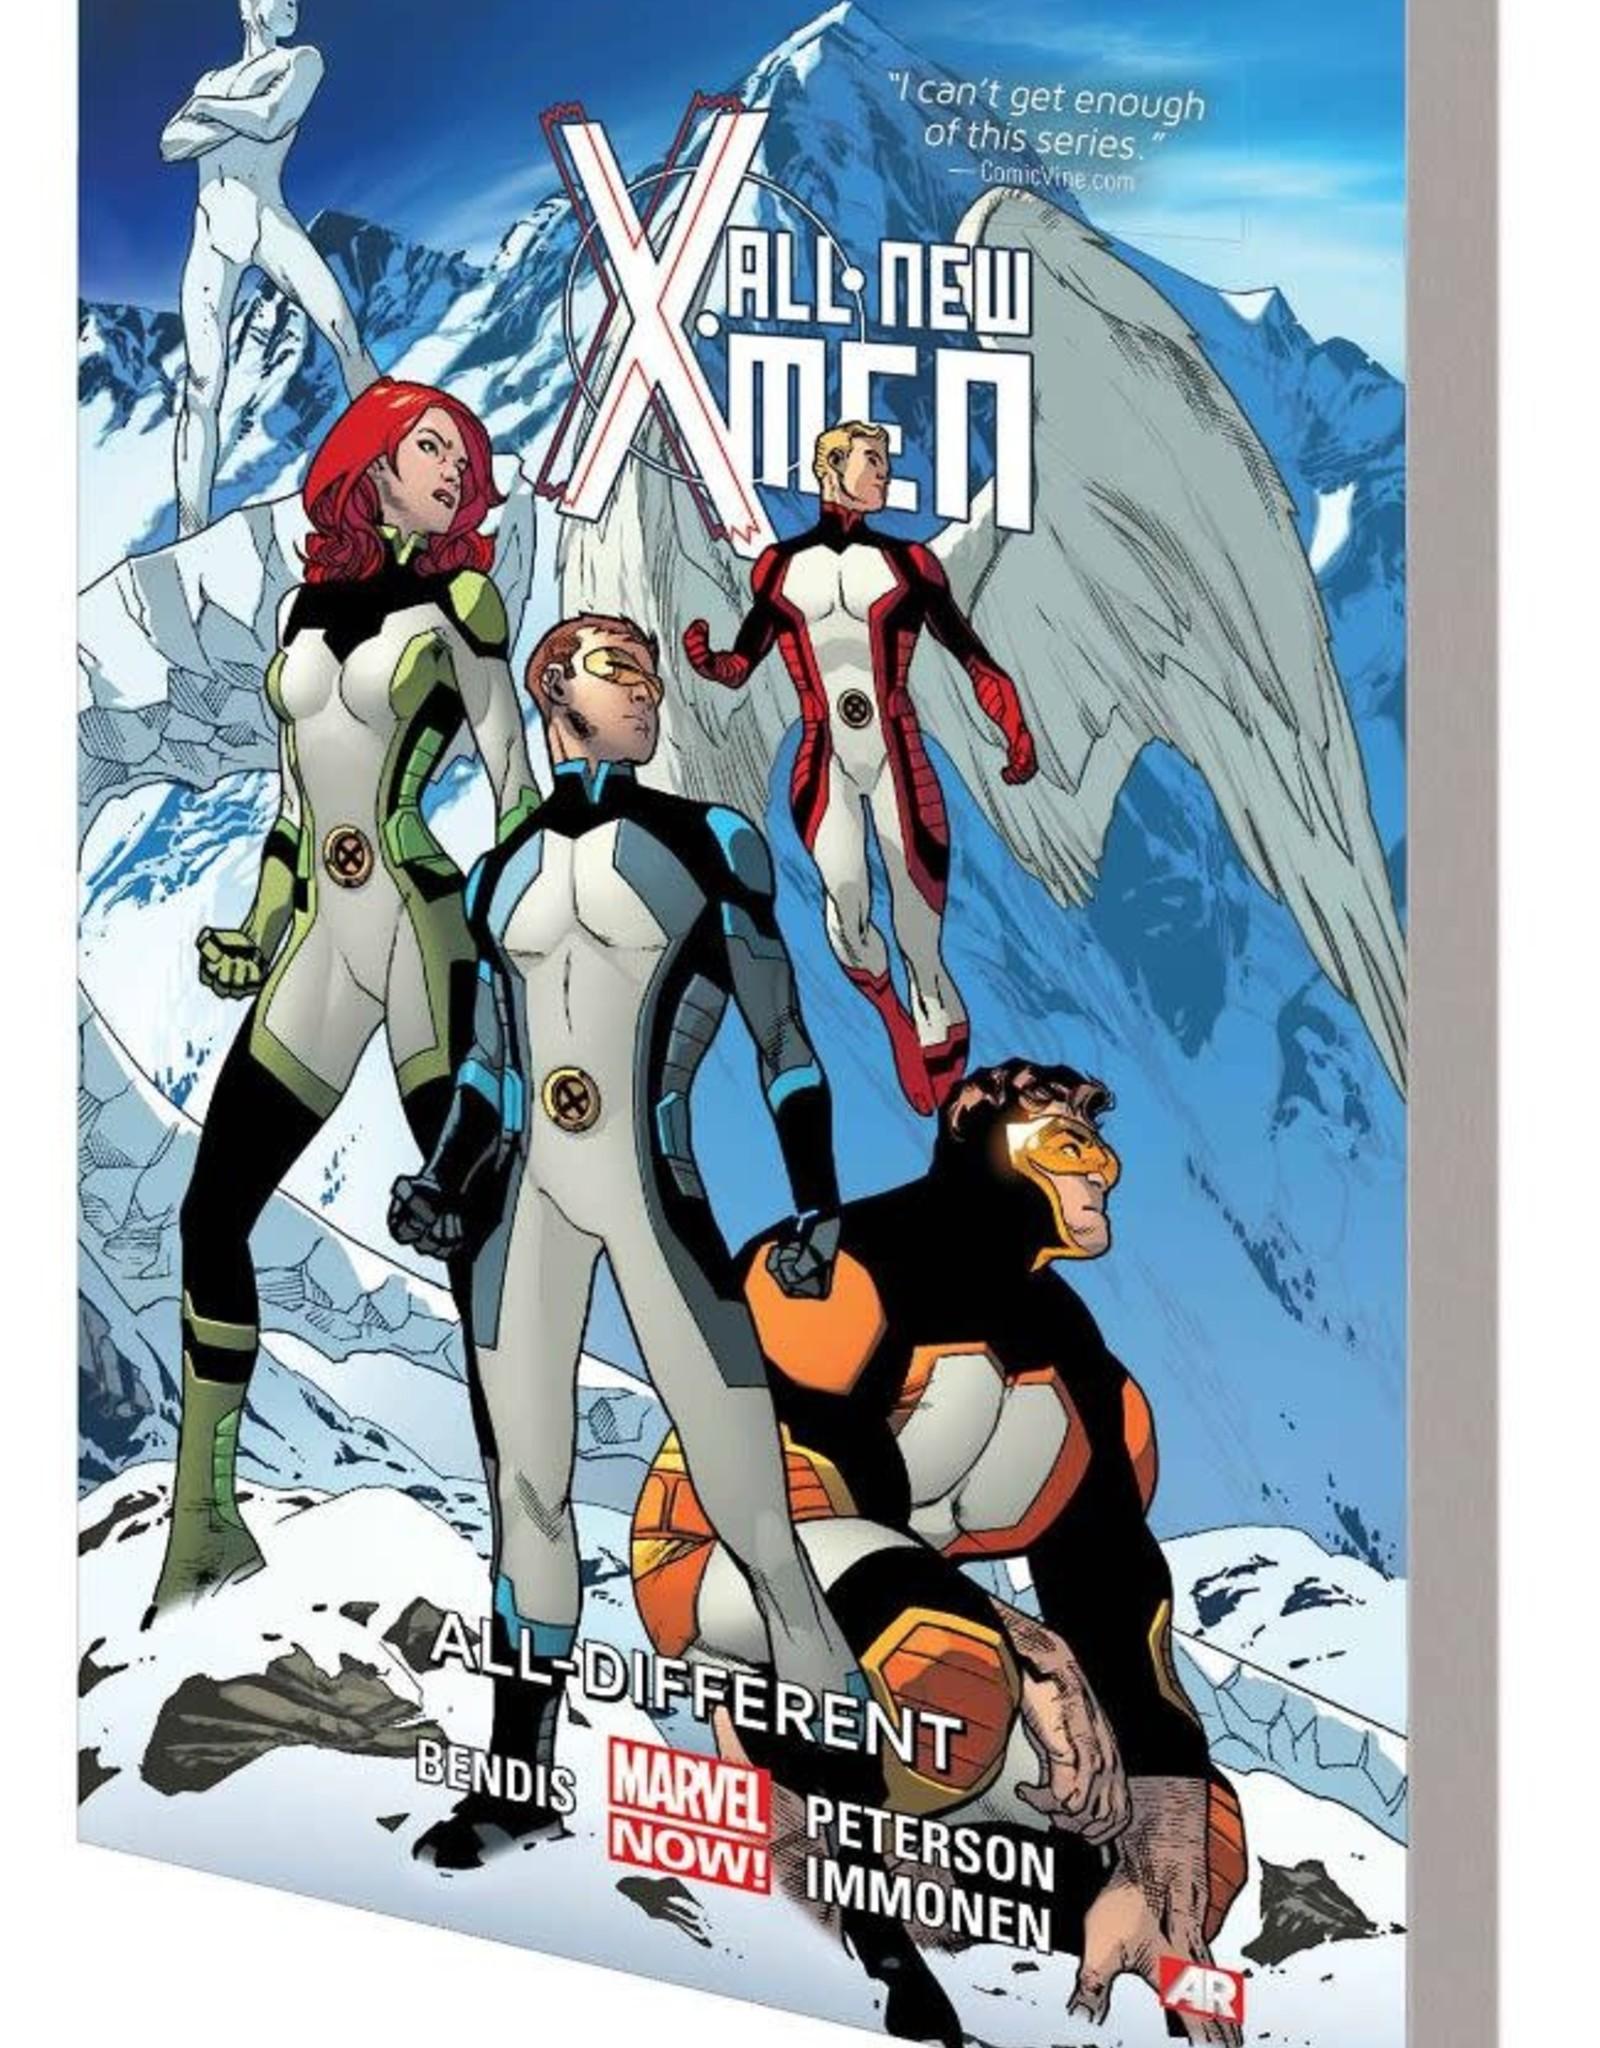 Marvel Comics All-New X-Men Vol 04 All-Different